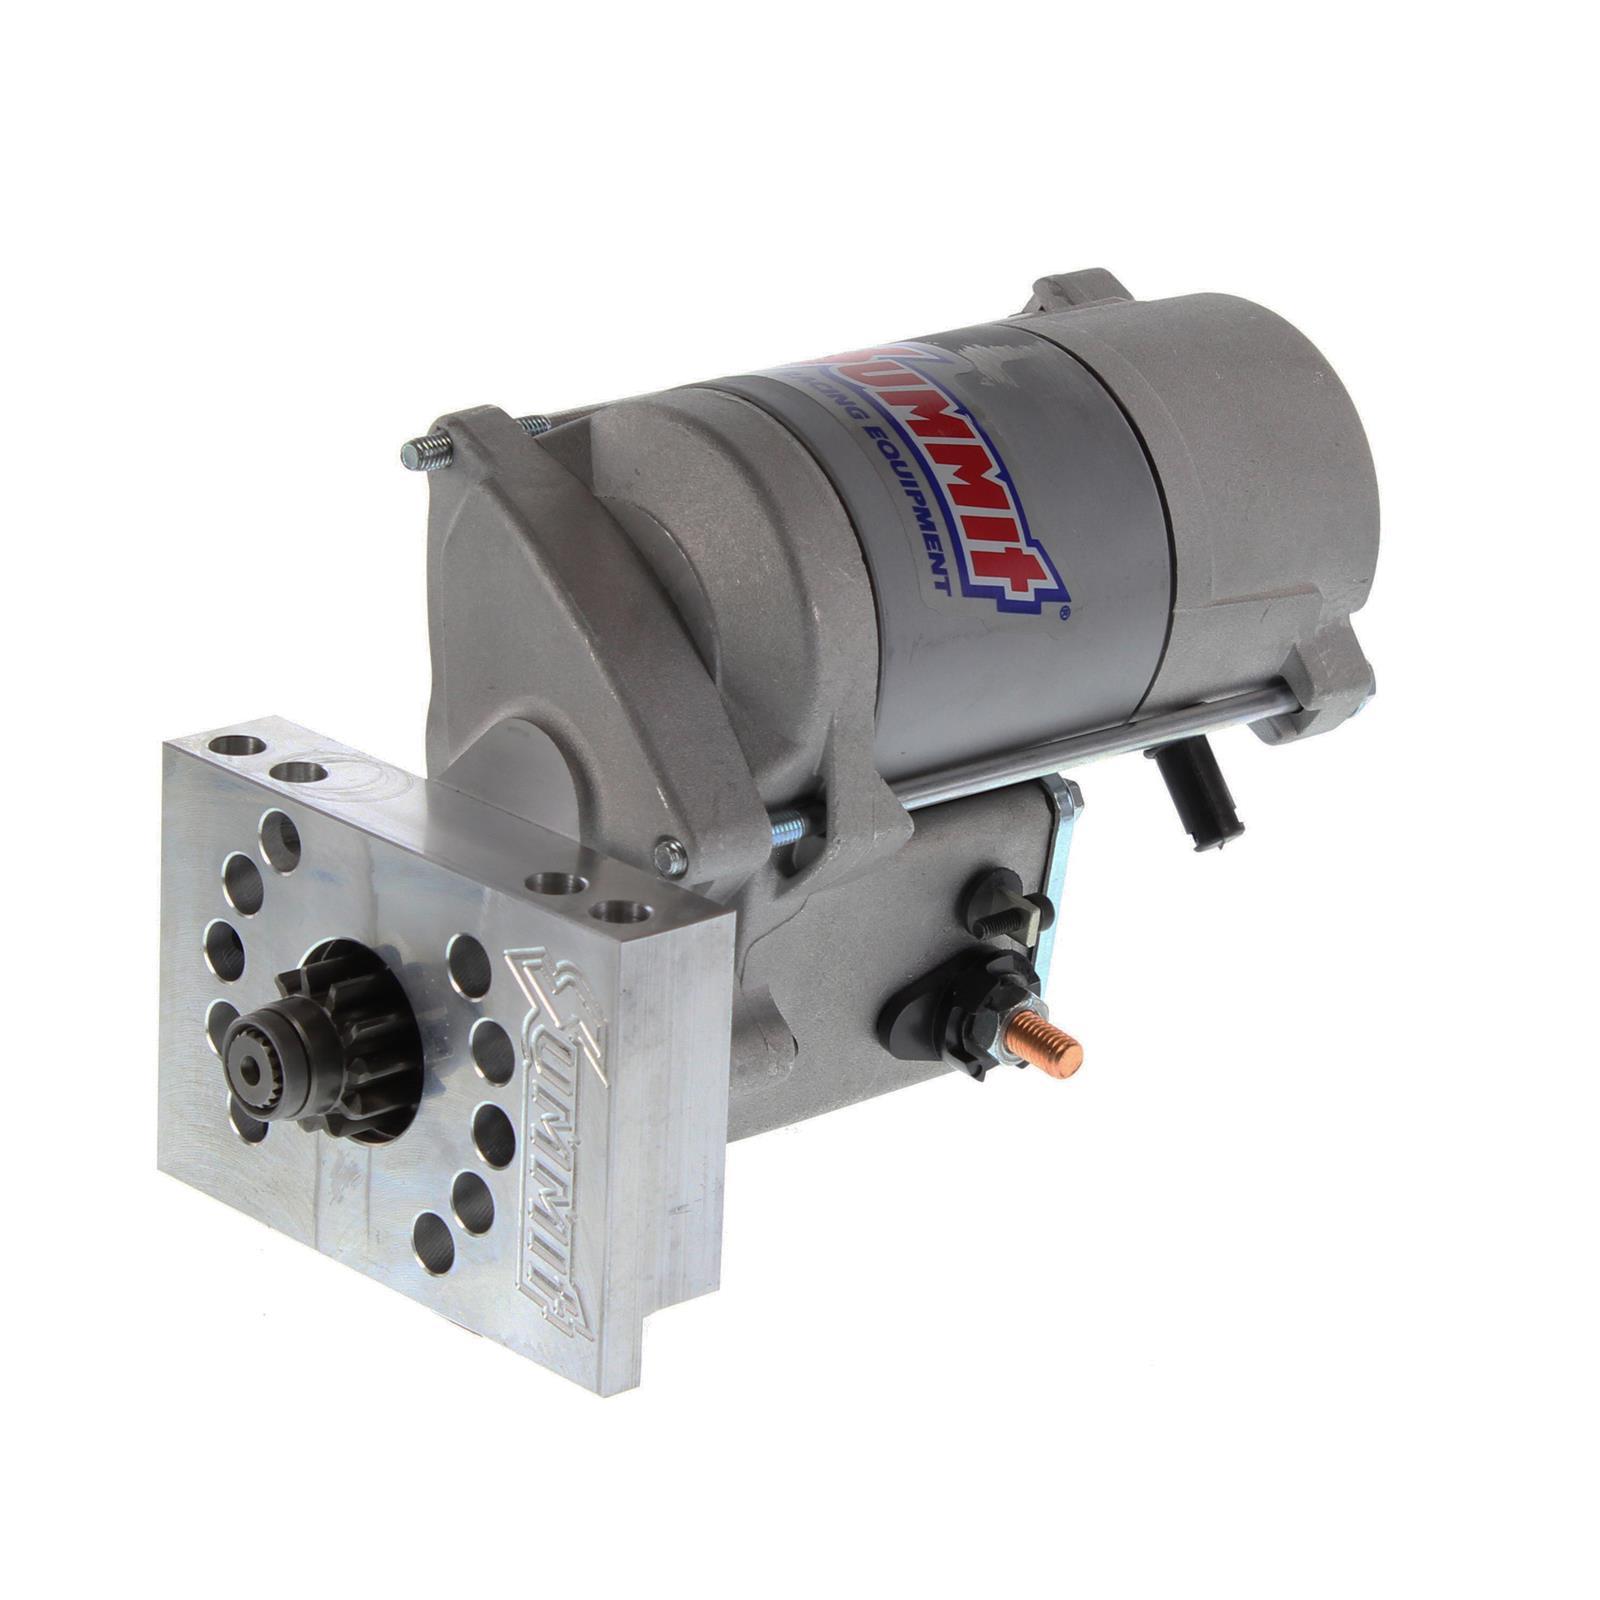 [SCHEMATICS_48IU]  Summit Racing® Protorque Starters SUM-820323-M | Pro Torque Starter Wiring Diagram |  | Summit Racing